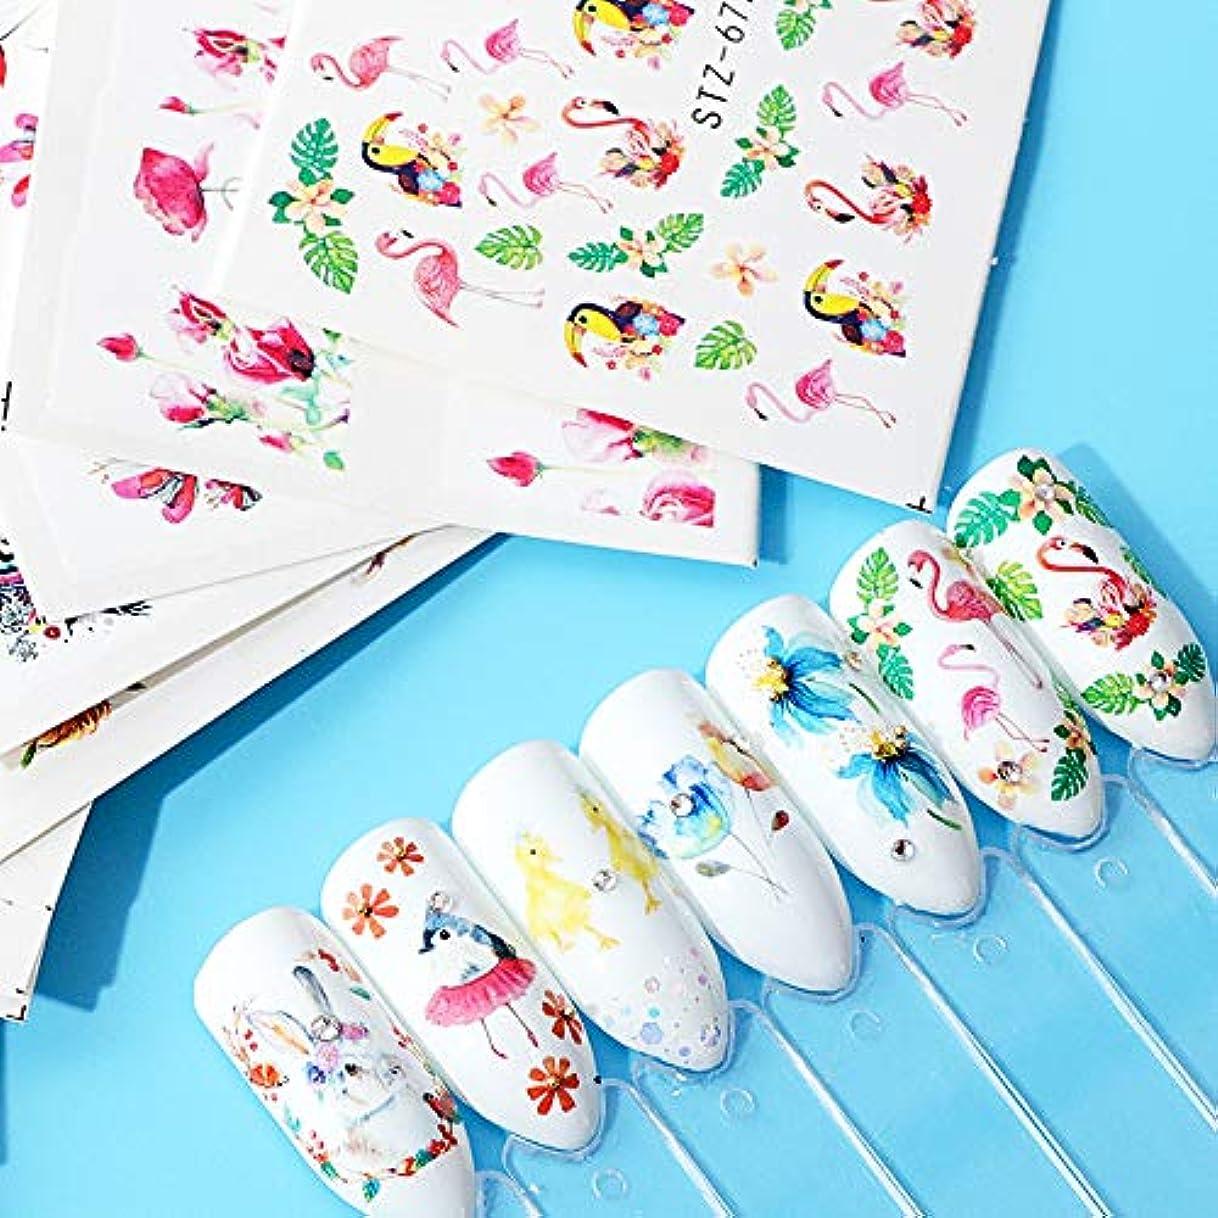 ドロープロット柔らかいSUKTI&XIAO ネイルステッカー 15ピースネイルアート水デカールステッカー熱帯の入れ墨スライダー動物花デザイン装飾マニキュア